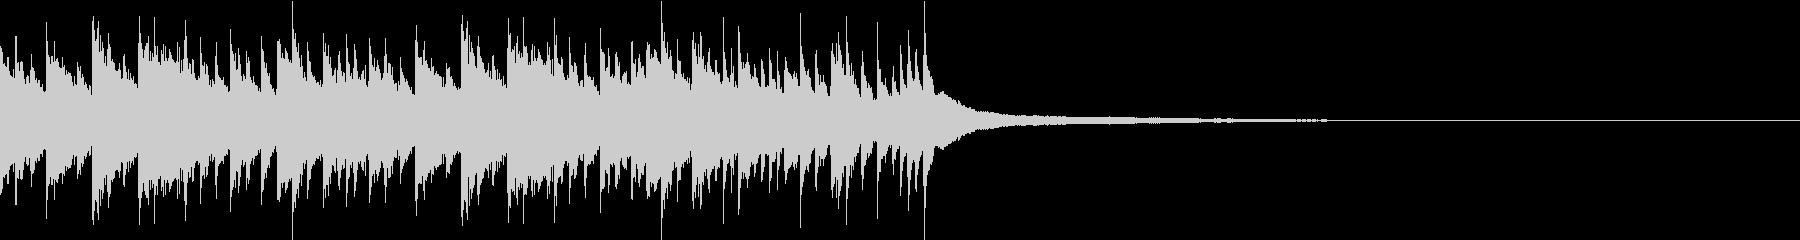 明るく爽やか軽快なピアノ曲 企業VP-Uの未再生の波形